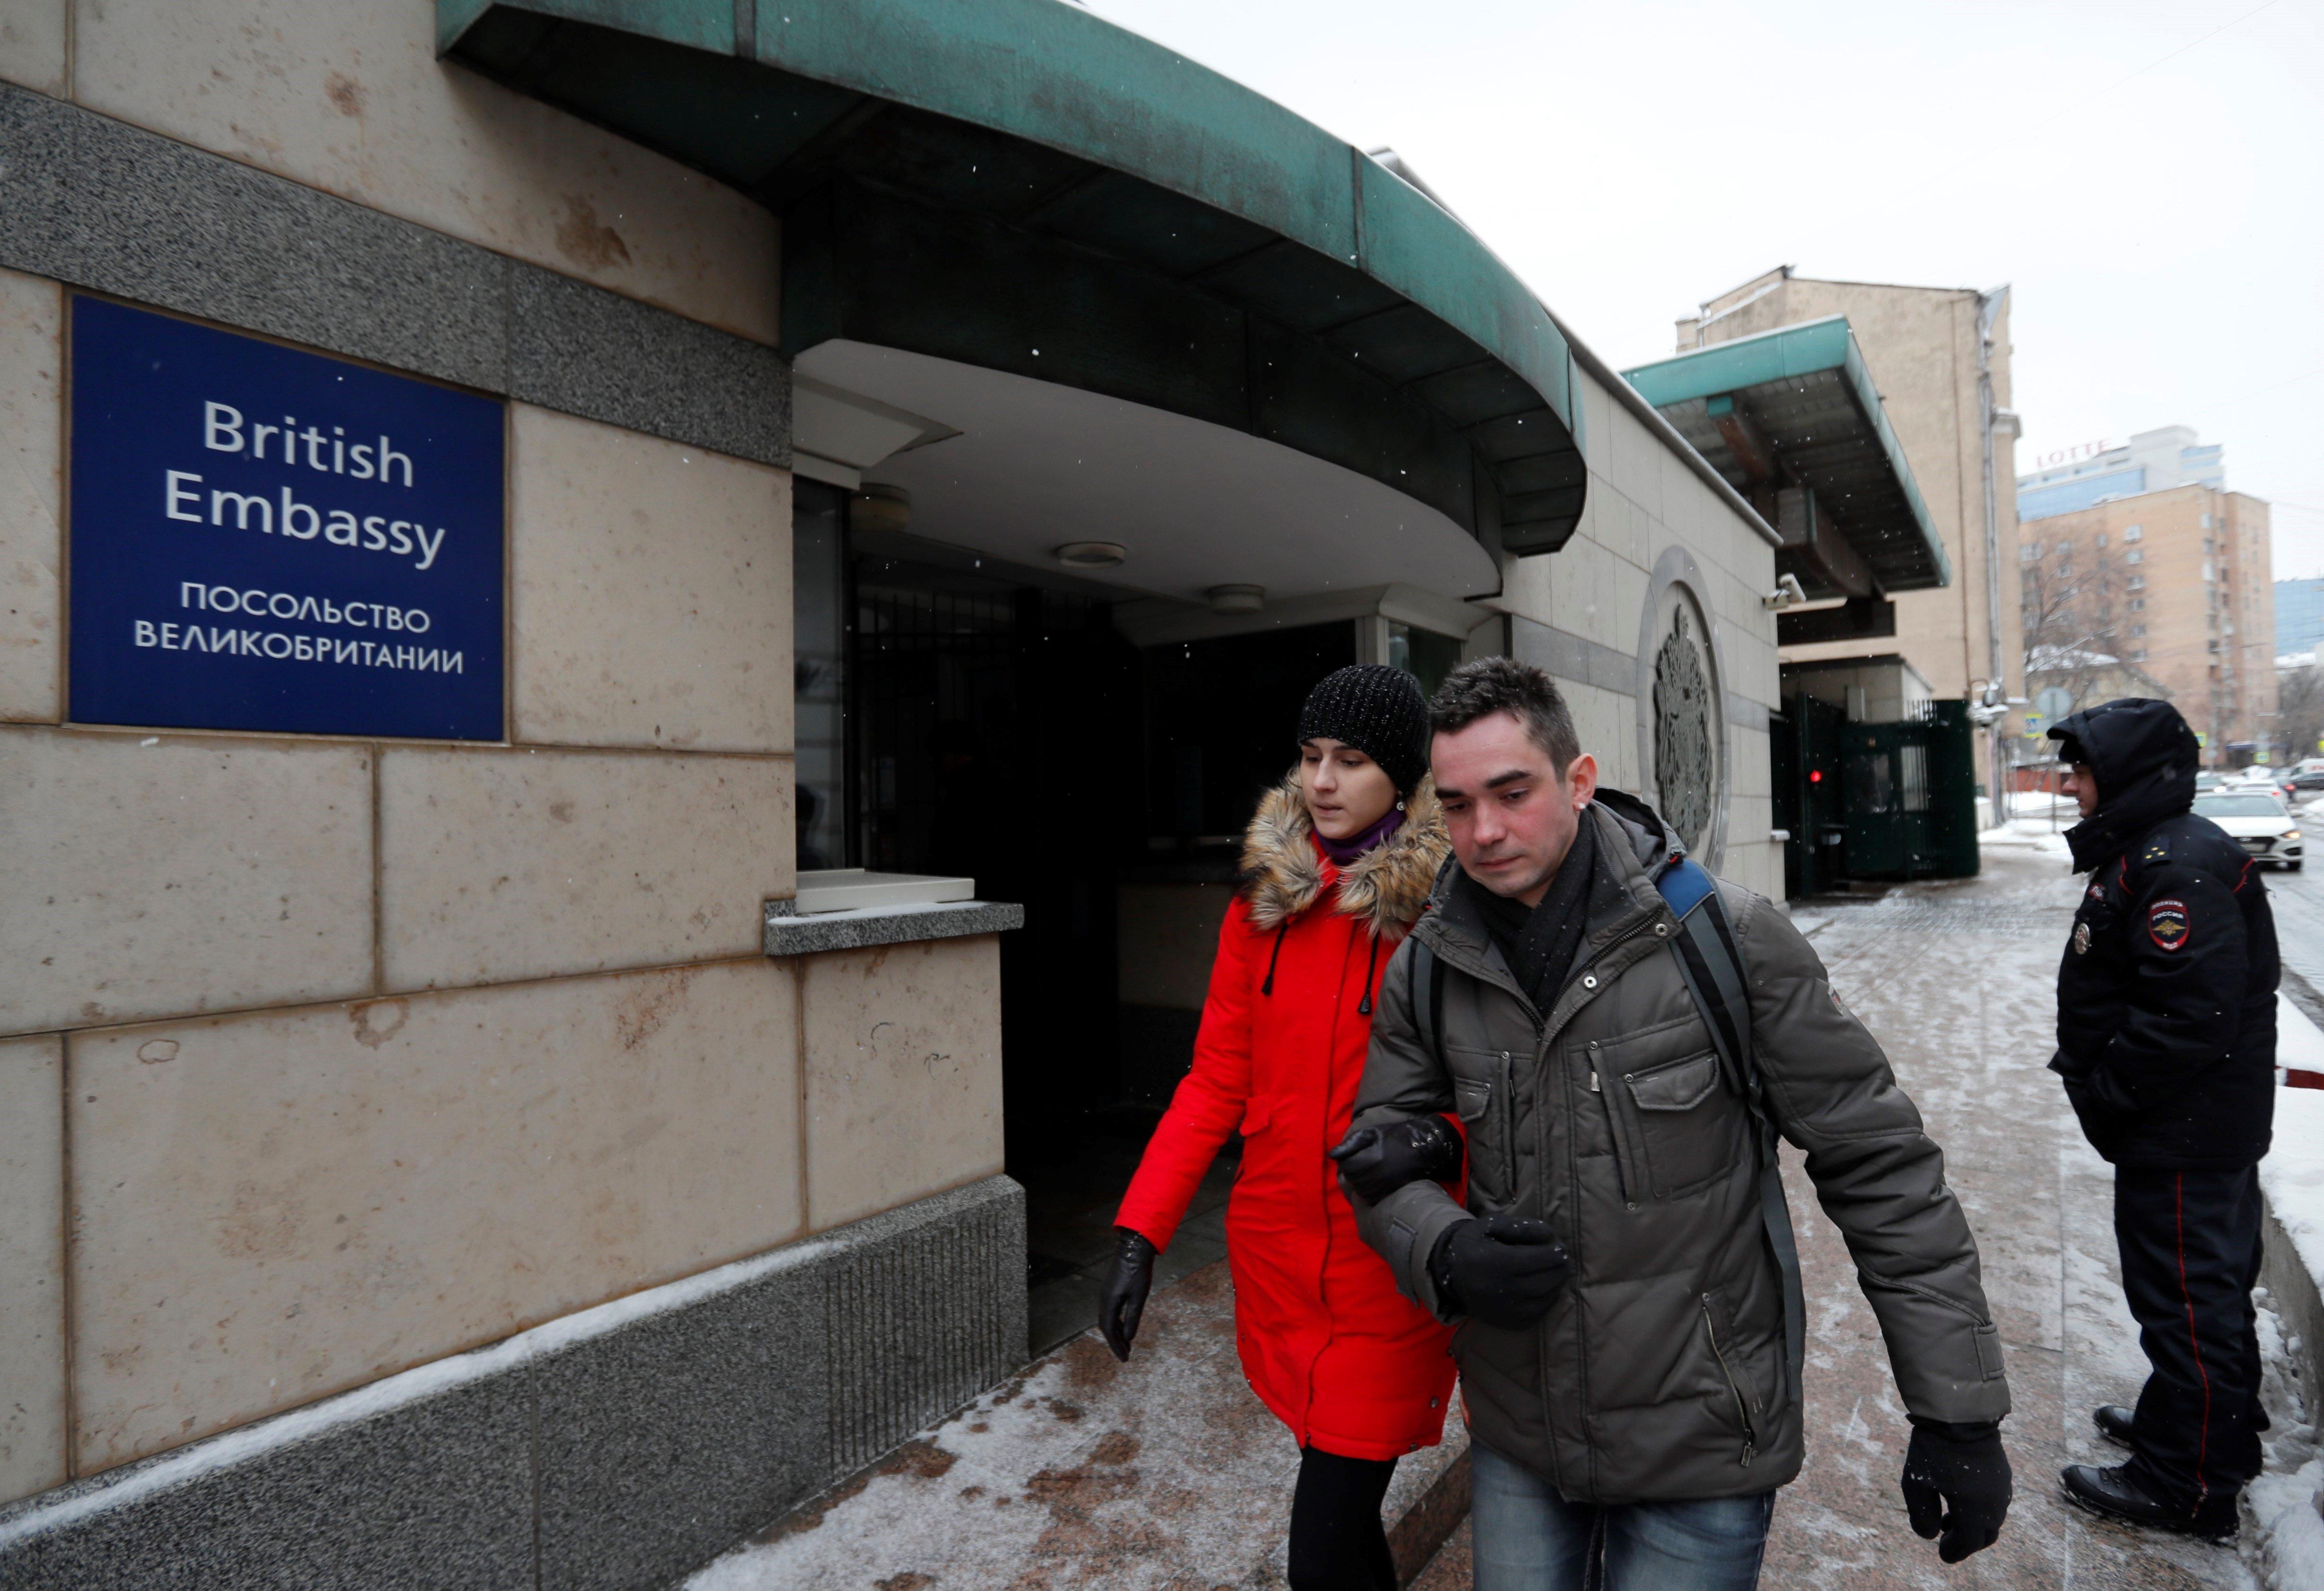 Ambaixada britànica moscou efe